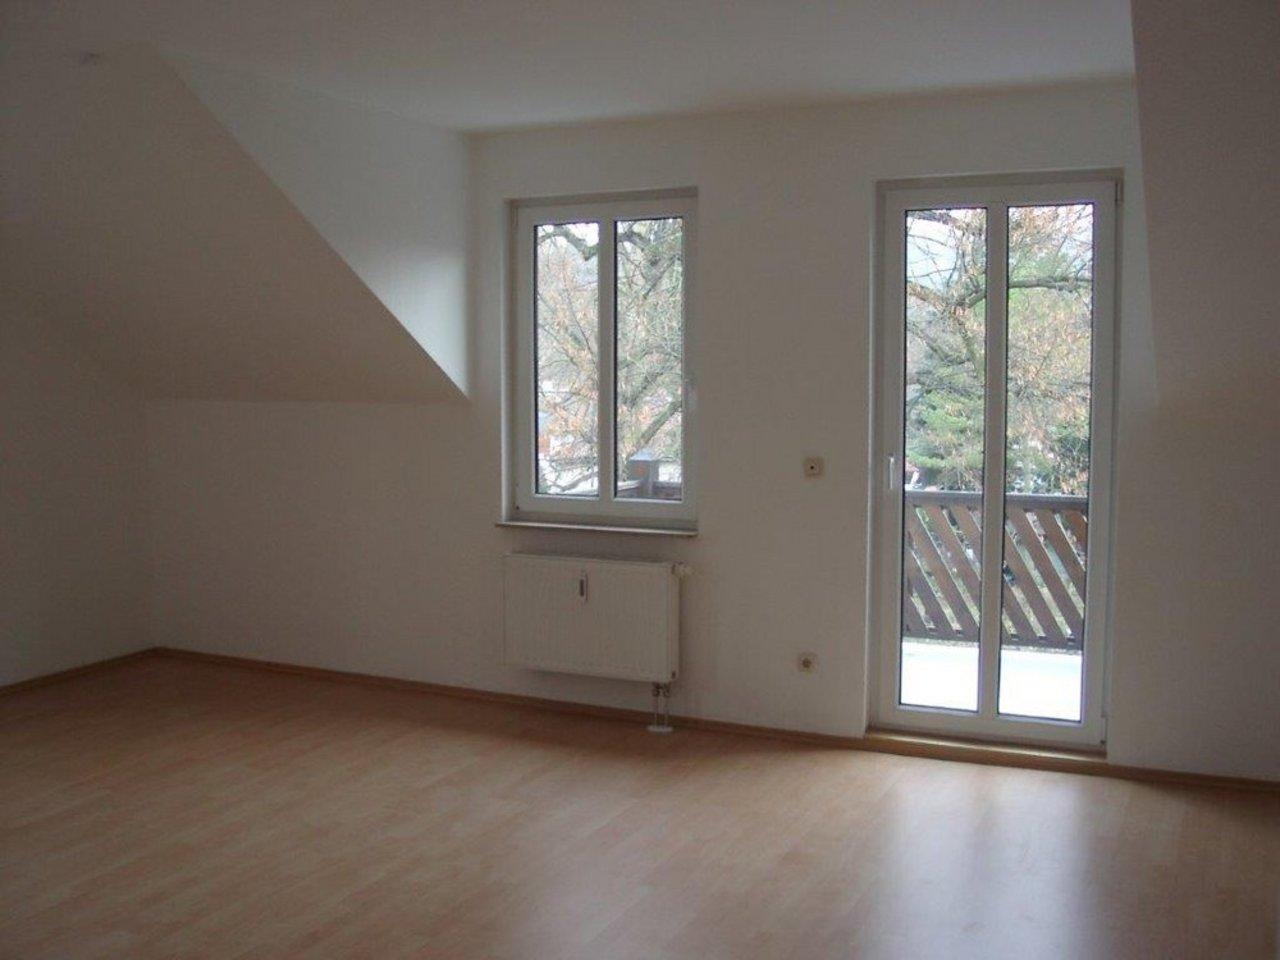 Attraktive, sonnige 2-Zimmerwohnung in bester Lage von Arnstadt-Wohnzimmer mit Balkon